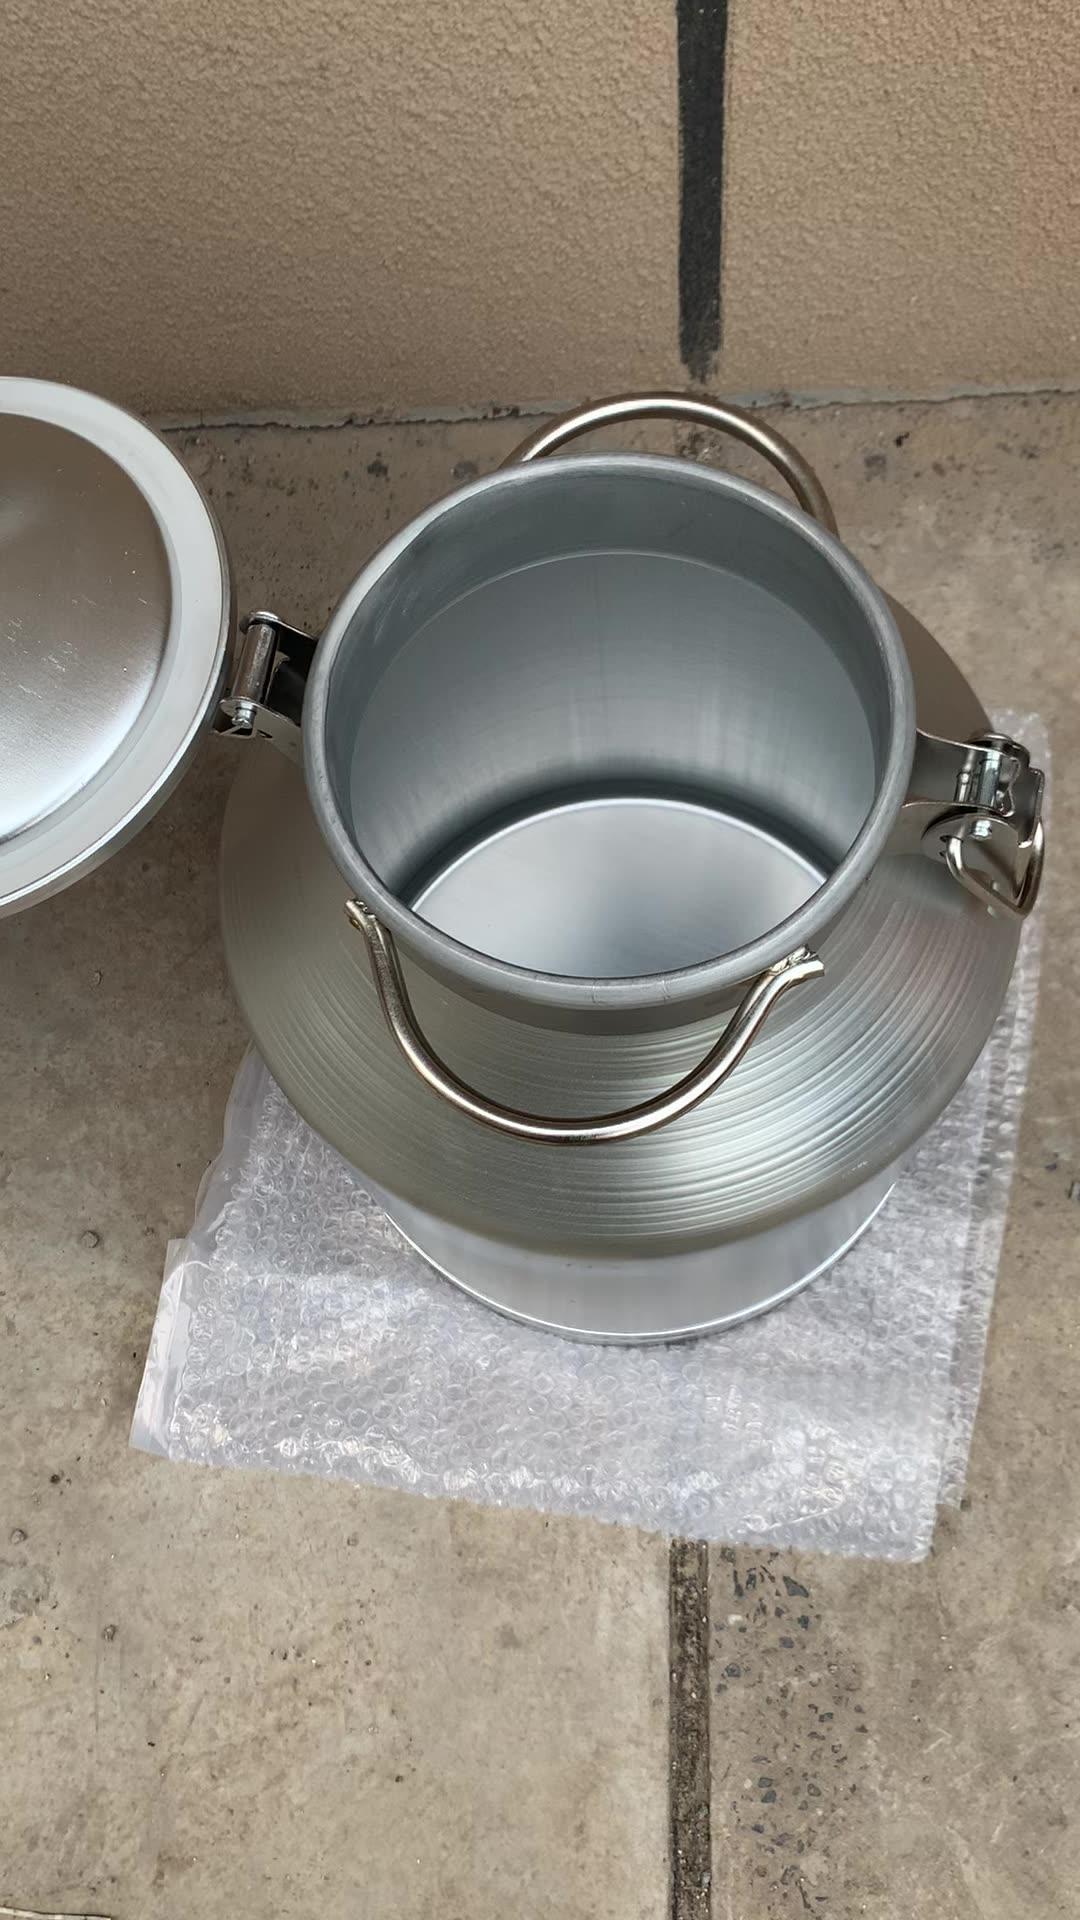 חנות מפעל הניתן לנעילה כיסוי אלומיניום חלב אחסון יכול מיכל טנק